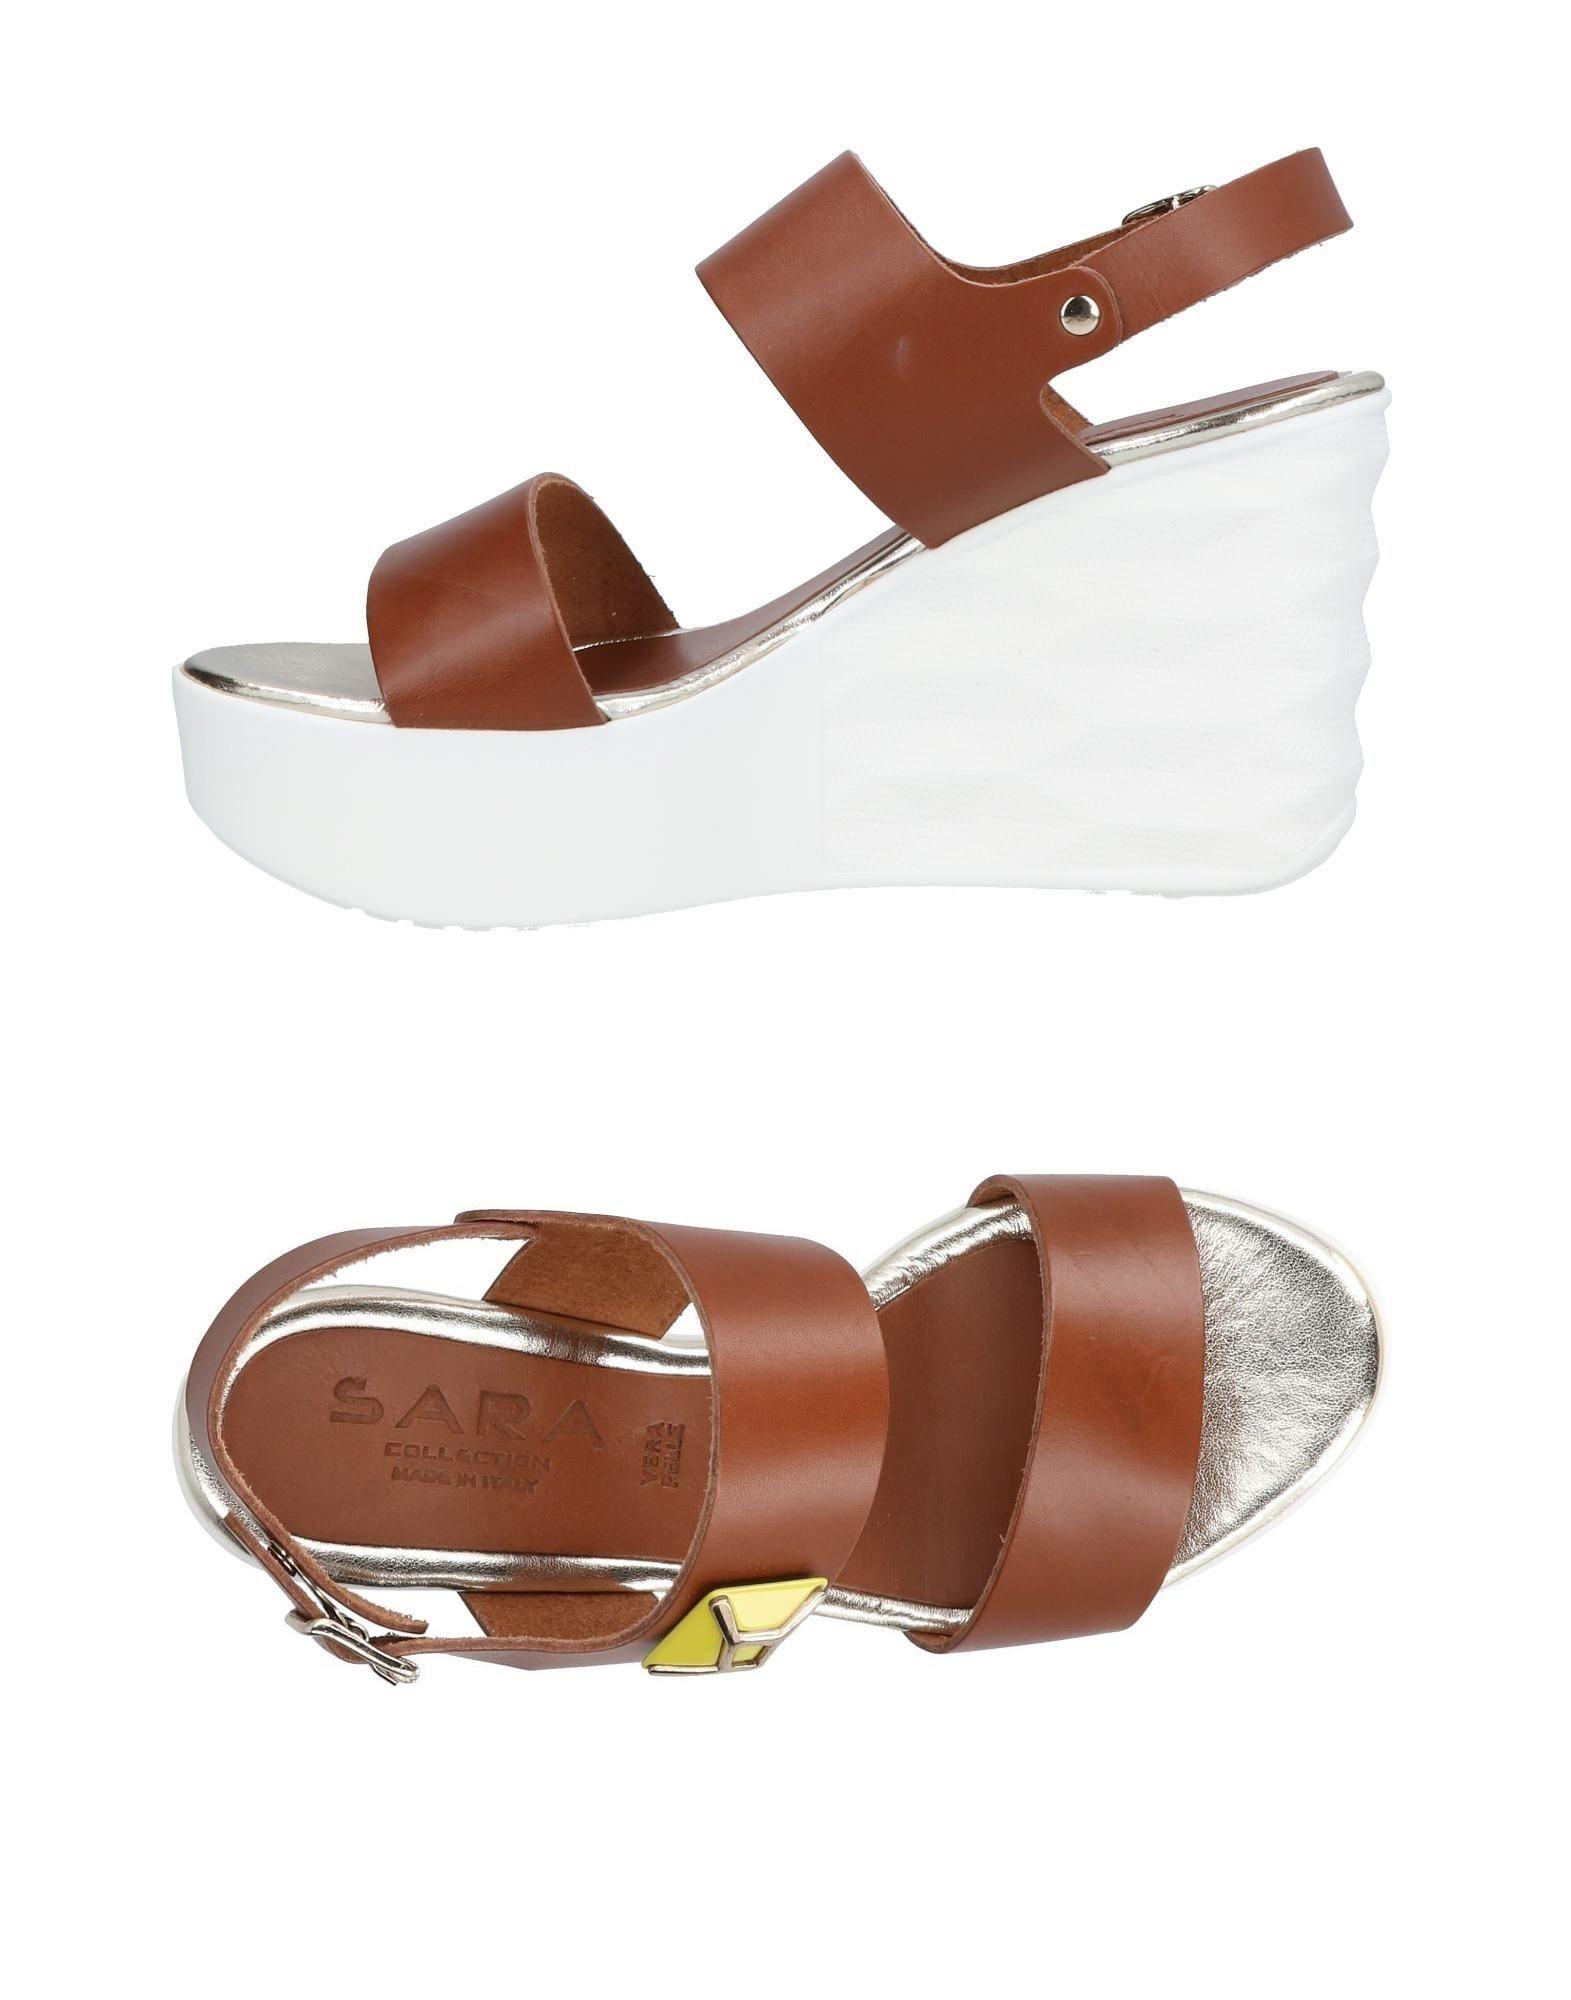 Sara Sandalen Damen  11460446DW Gute Qualität beliebte Schuhe